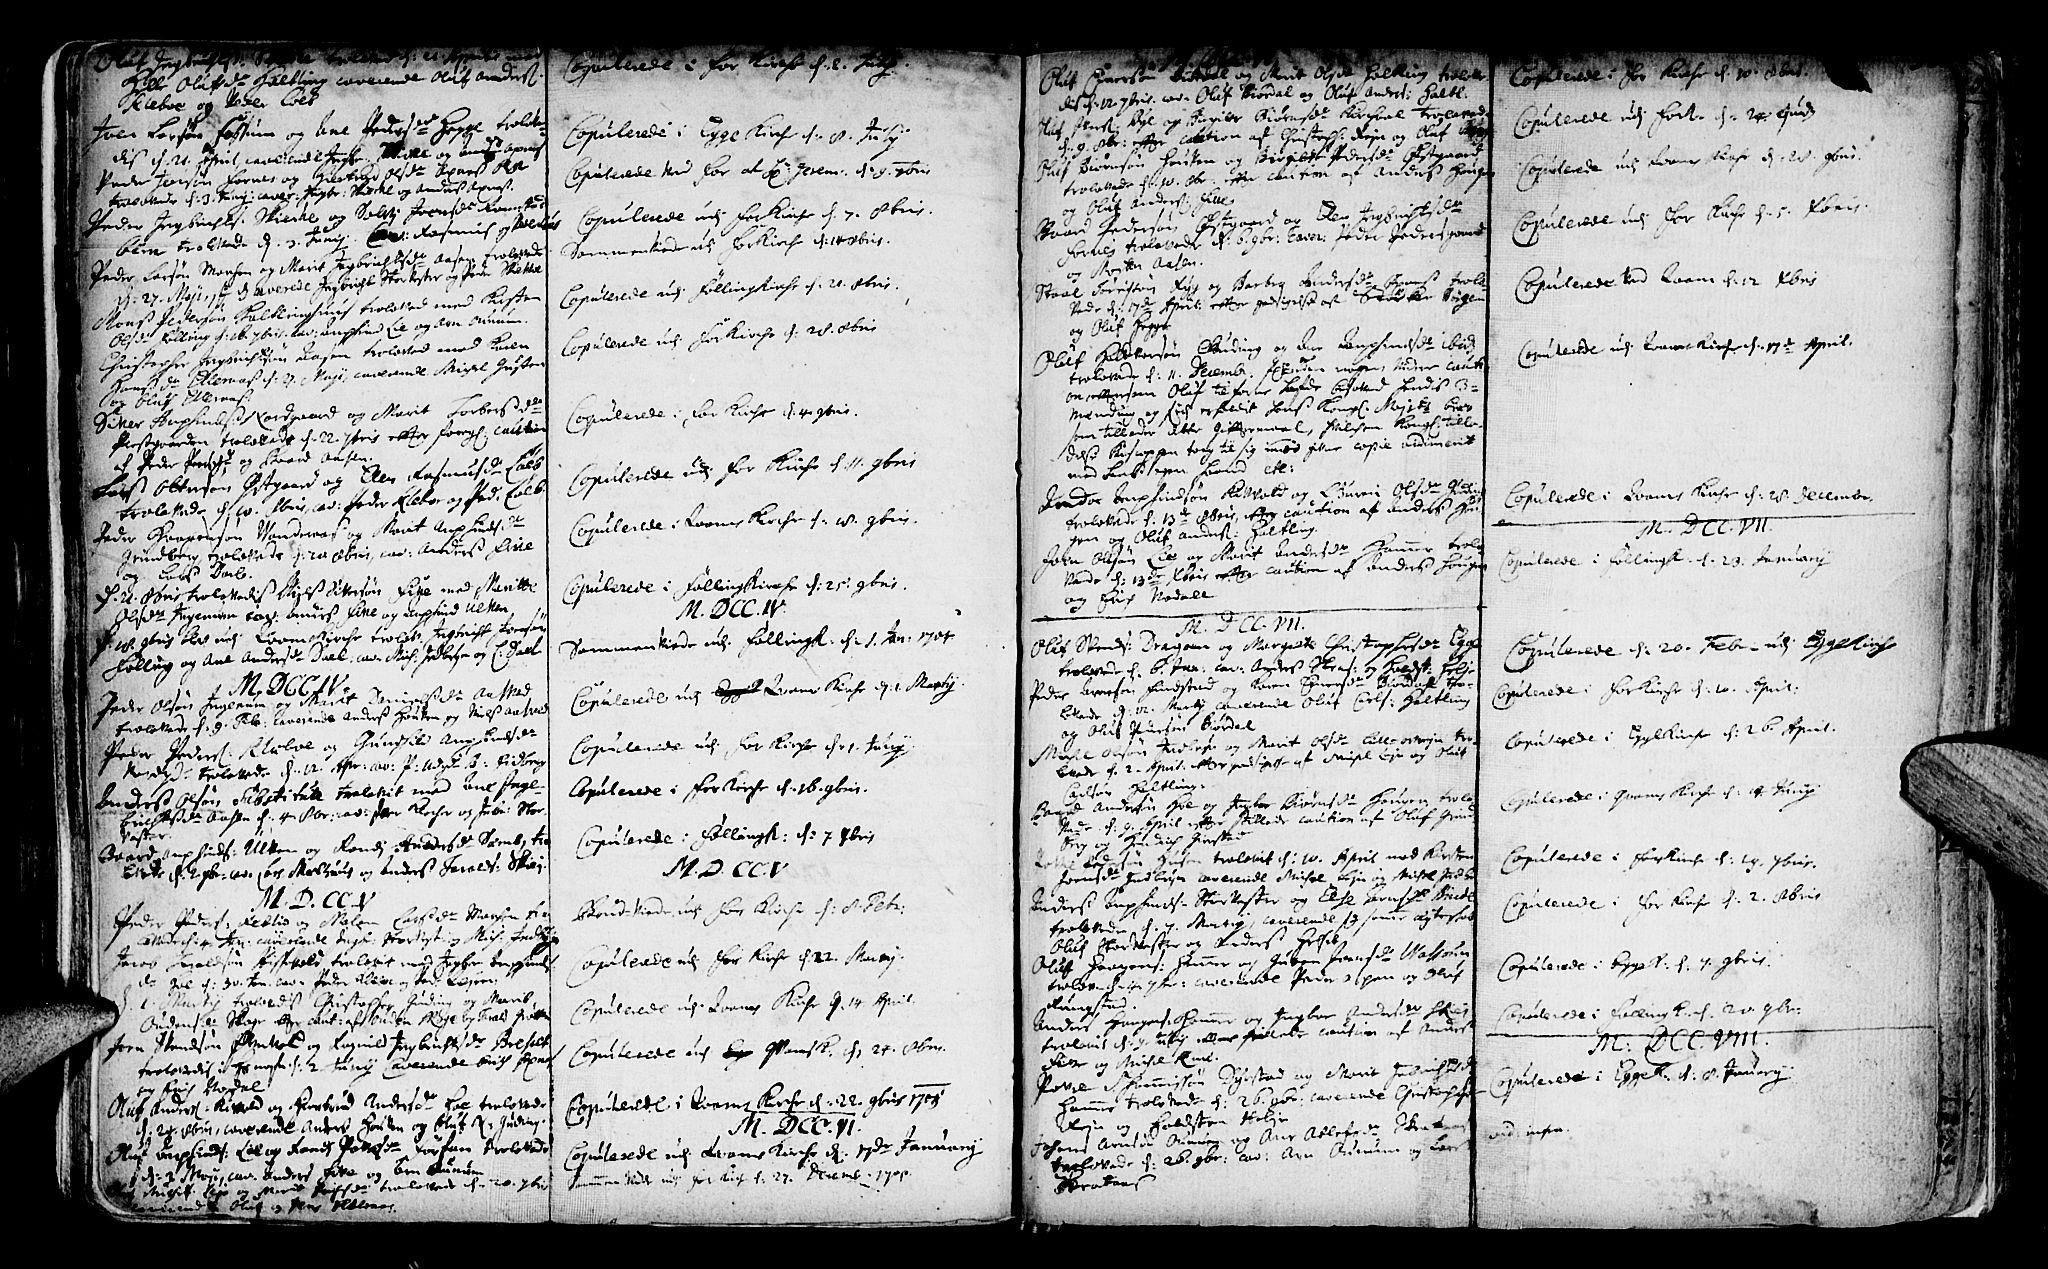 SAT, Ministerialprotokoller, klokkerbøker og fødselsregistre - Nord-Trøndelag, 746/L0439: Ministerialbok nr. 746A01, 1688-1759, s. 94